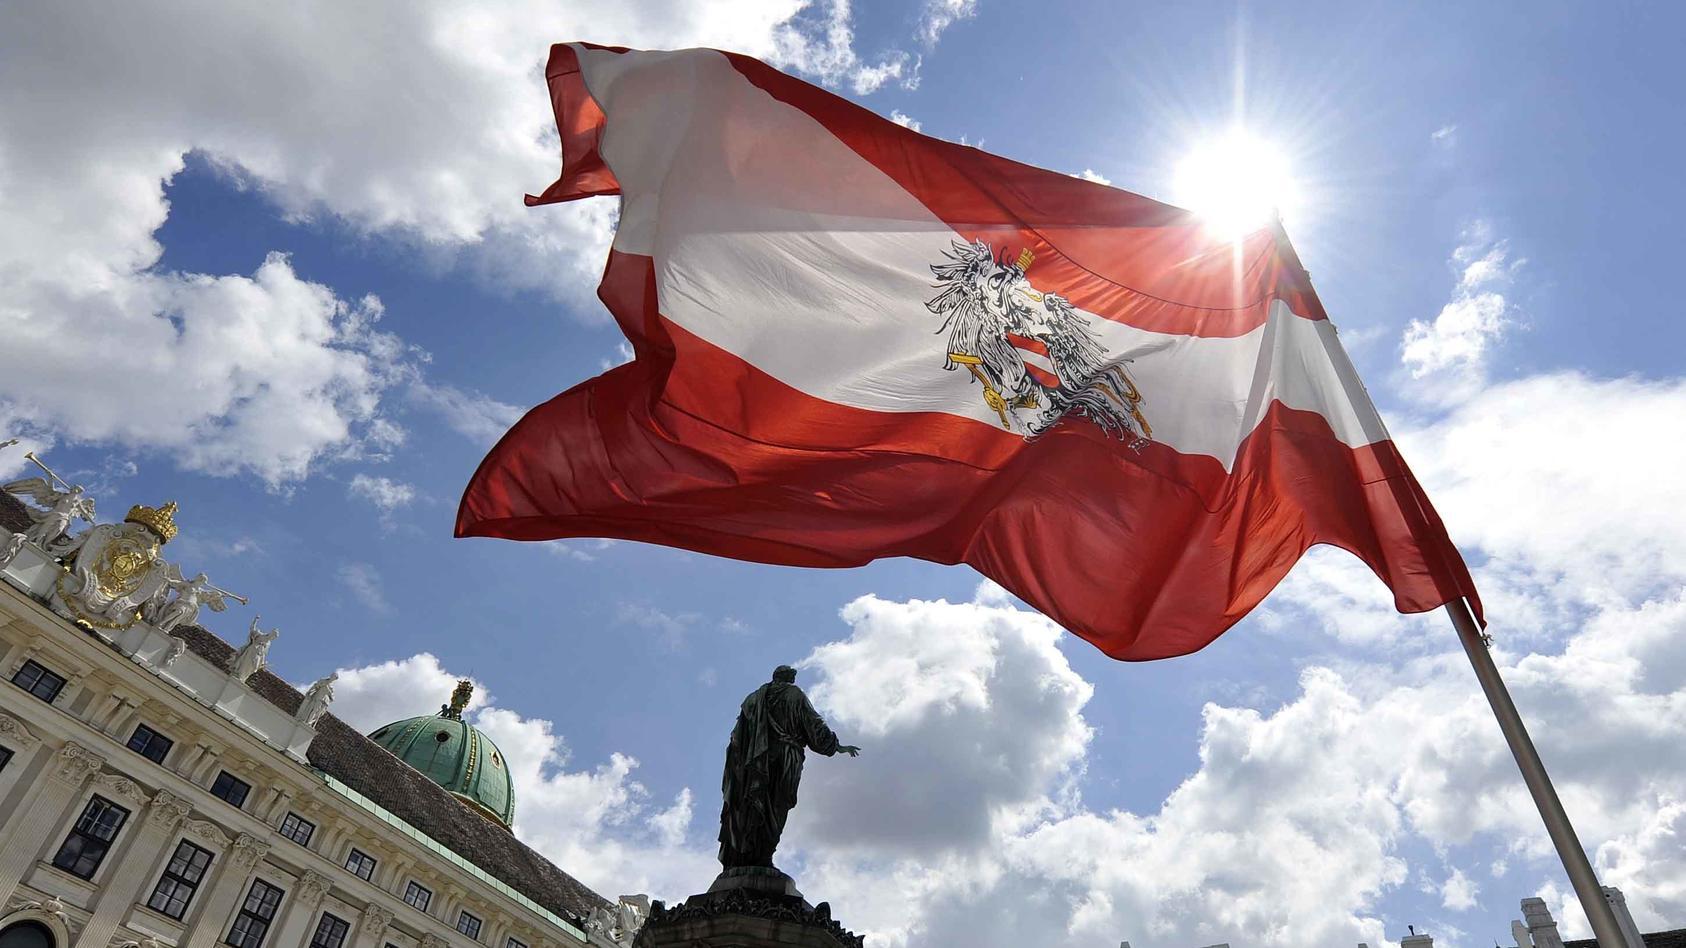 Es werde geprüft, ob nur über Wien oder möglicherweise ganz Österreich eine Reisewarnung verhängt werden soll.